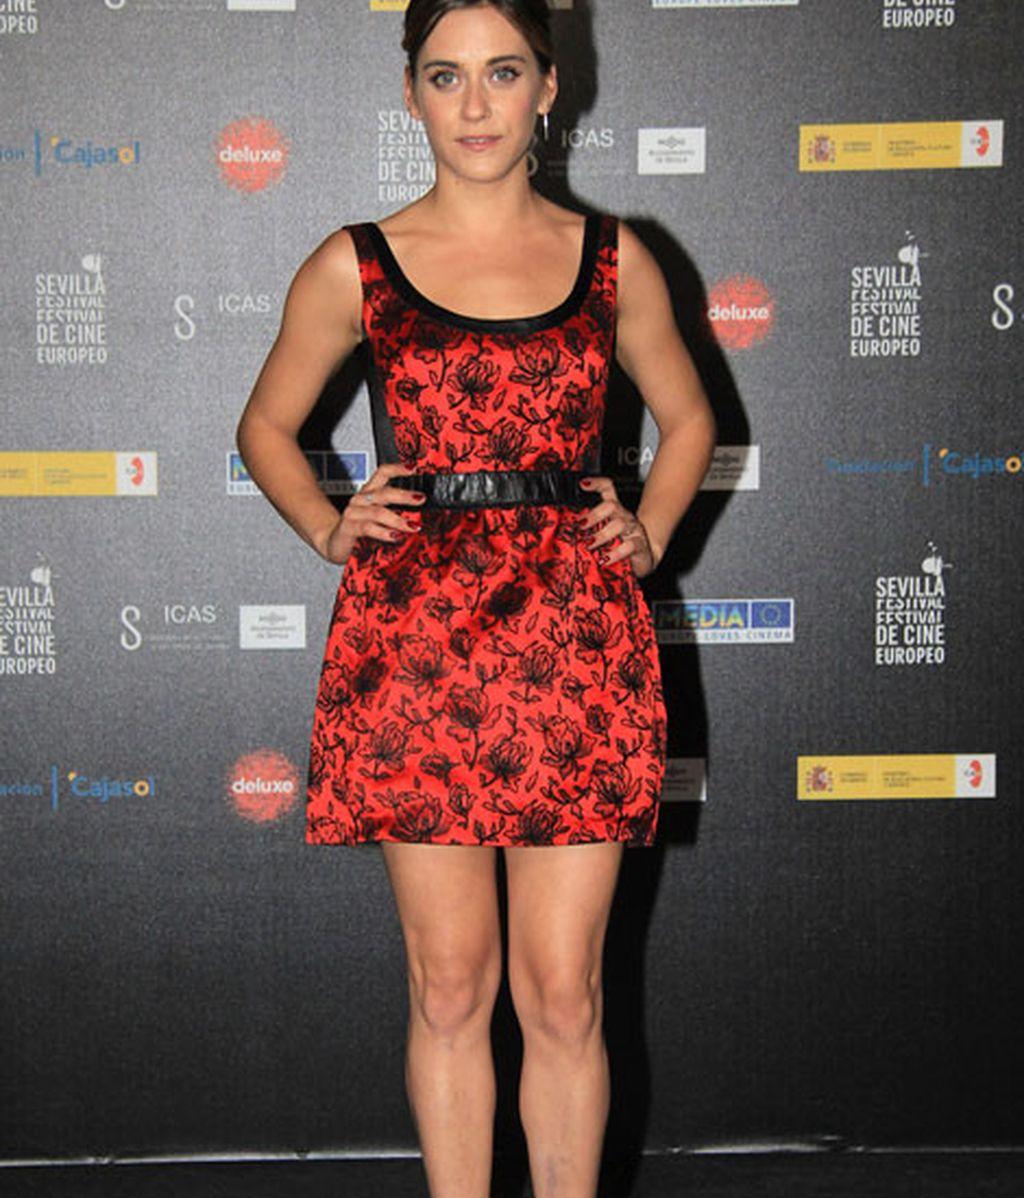 María León, de corto con vestido rojo de flores y complementos negros